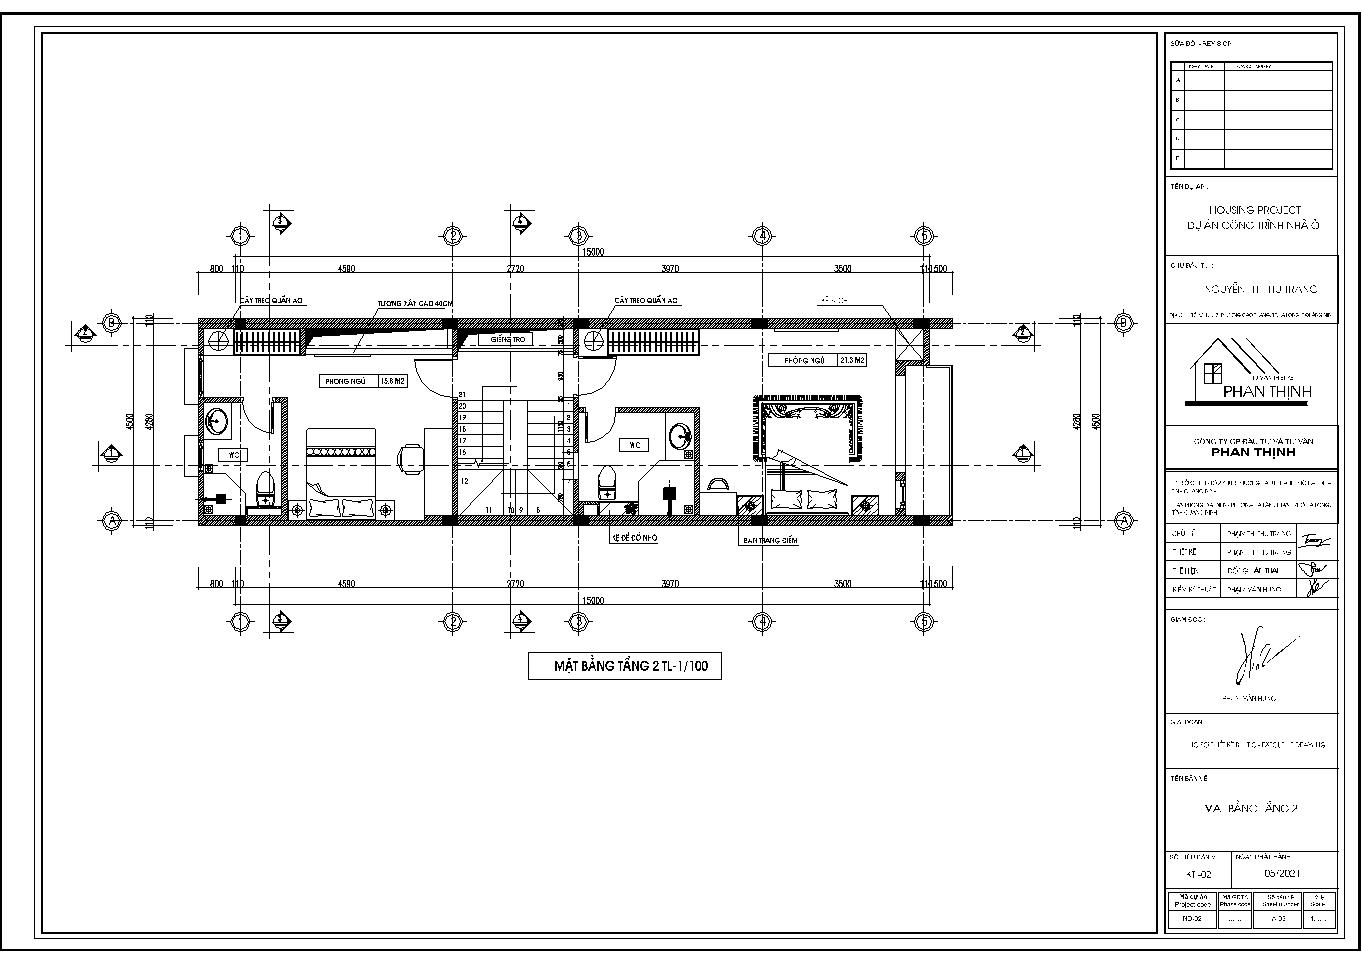 Hình ảnh mặt bằng tầng 2 của ngôi nhà ống 3 tầng